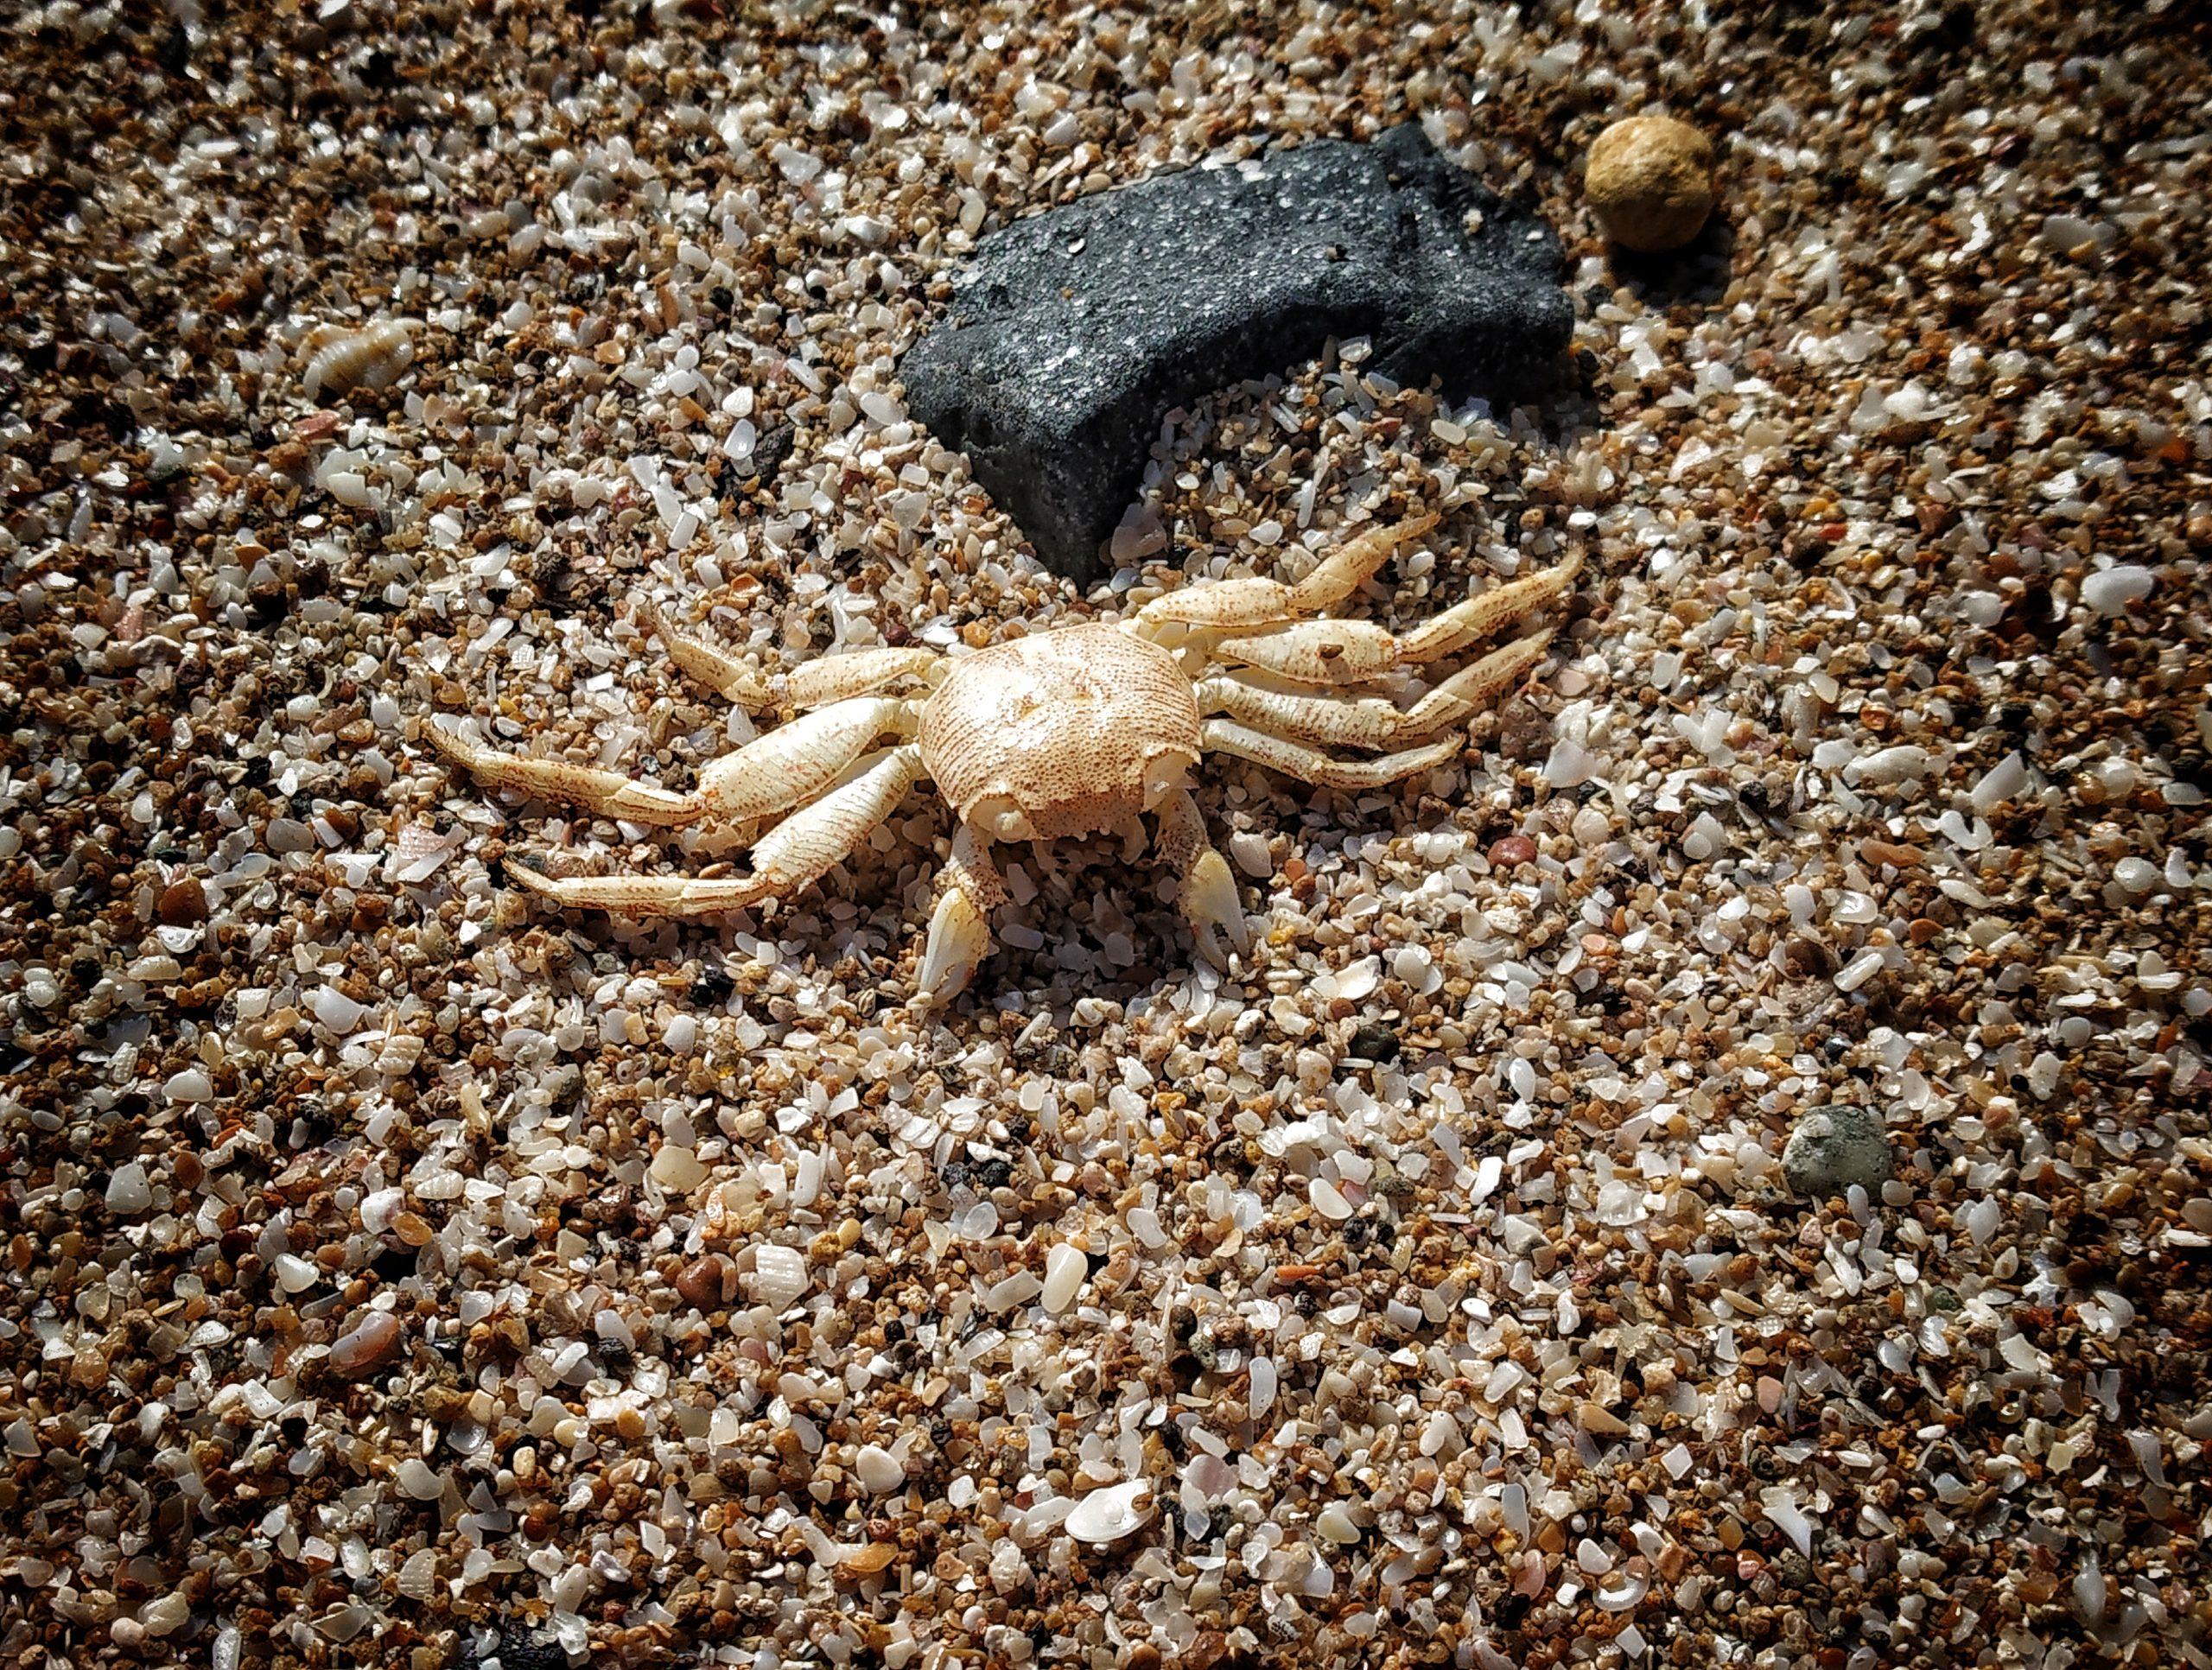 A dead crab at sea shore.